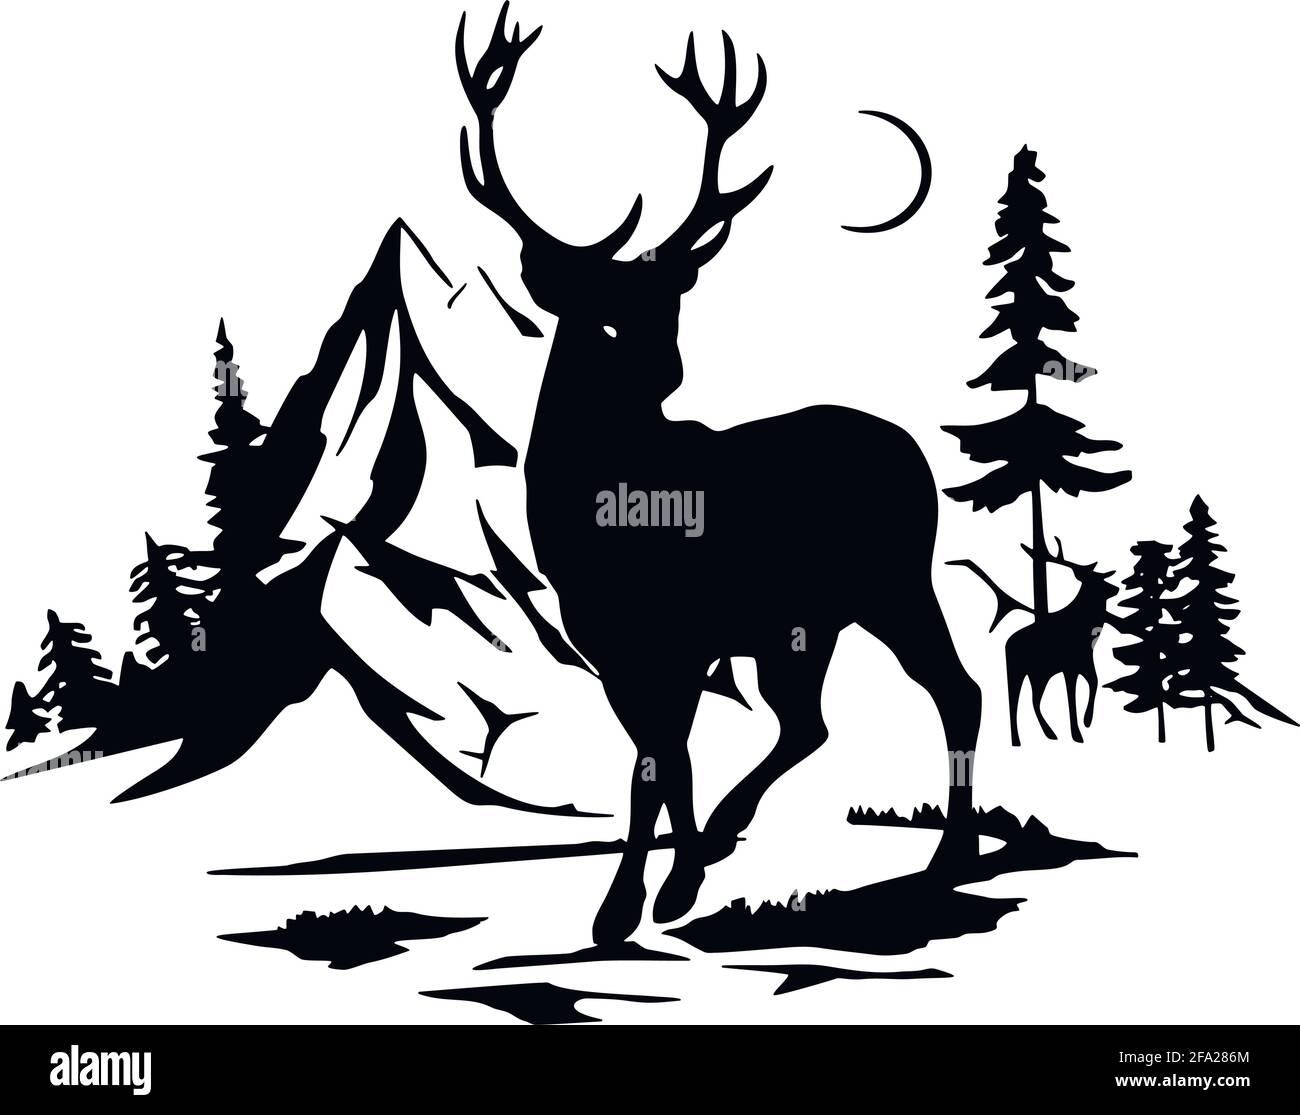 Cervi - stencil della fauna selvatica - Silhouette del cervo, Clitpart della fauna selvatica isolato su bianco Illustrazione Vettoriale